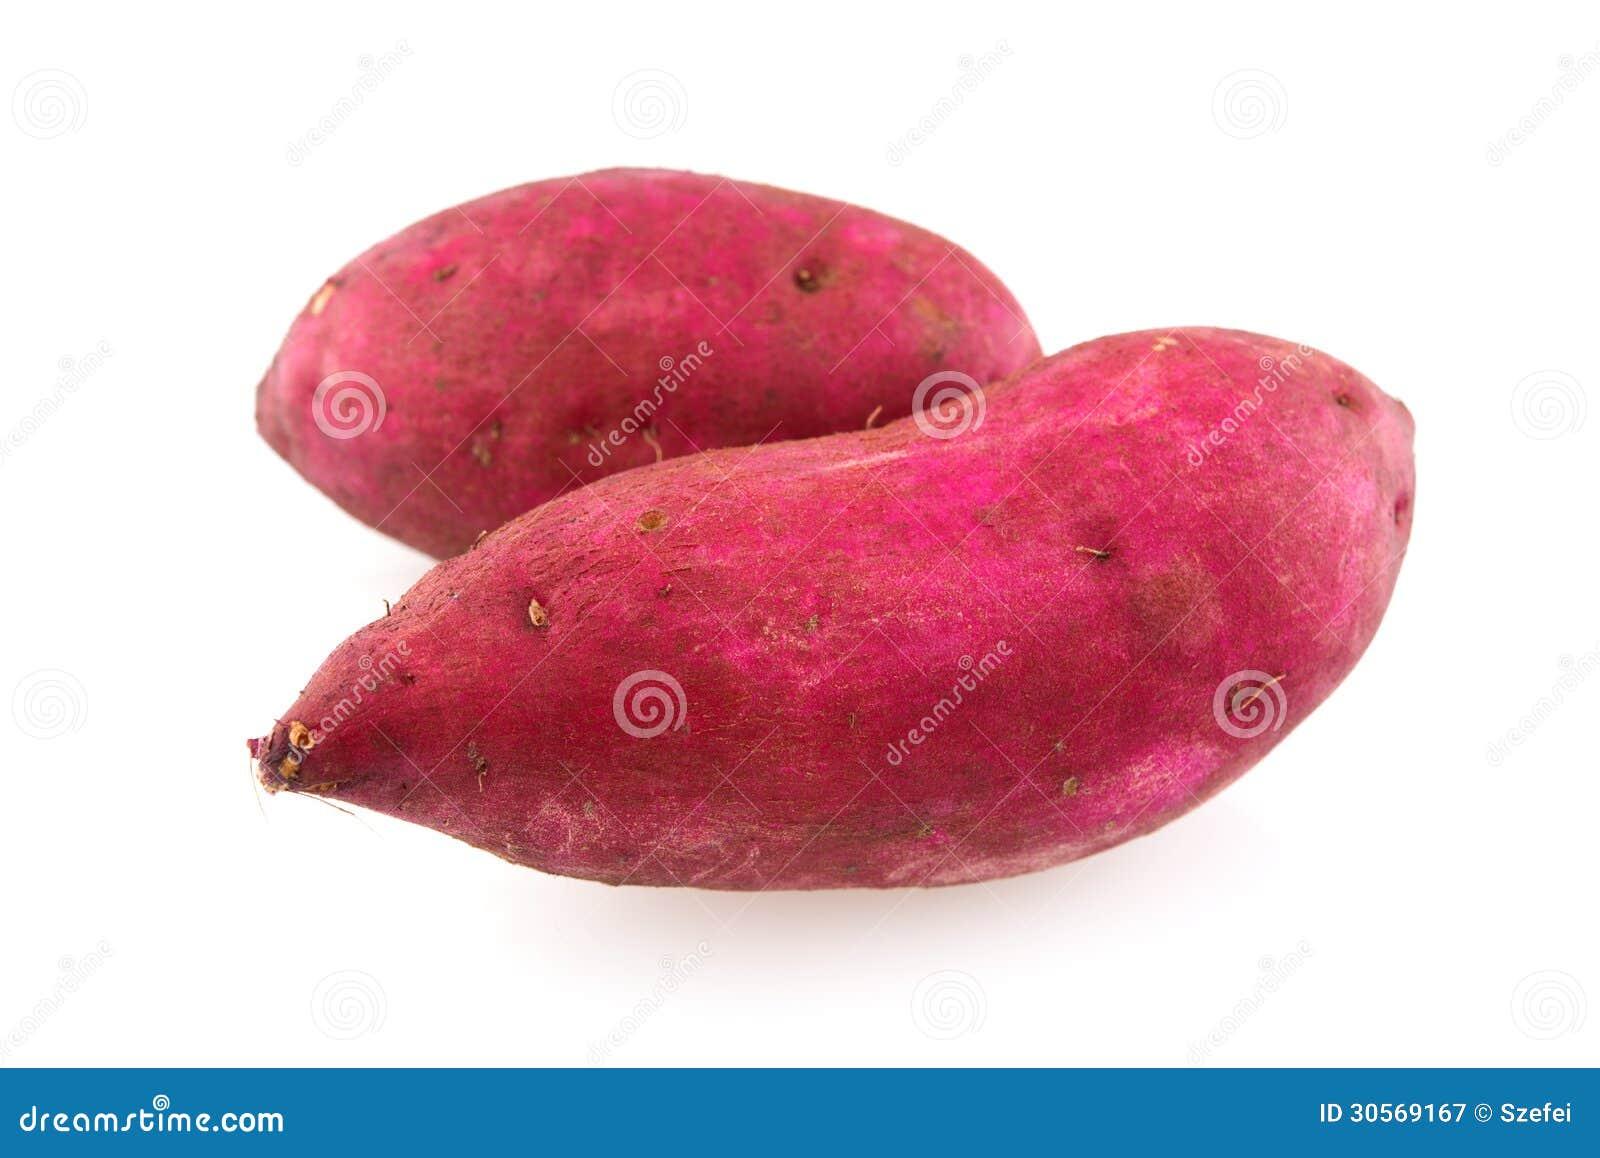 Сладкие картофели